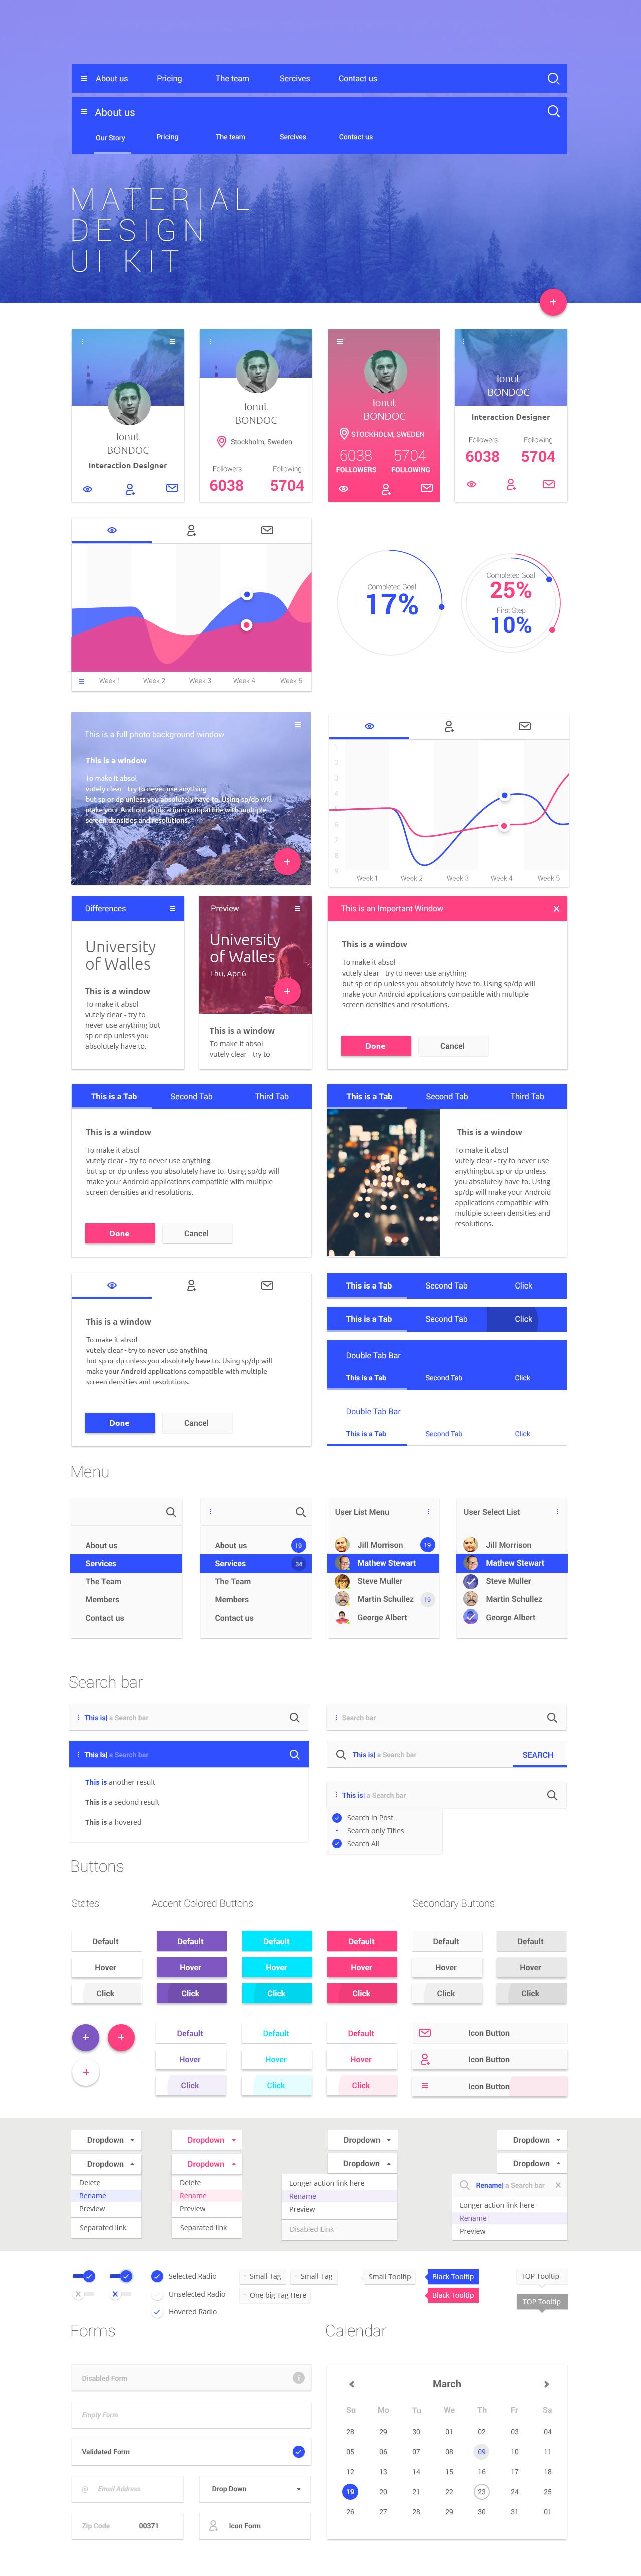 material_design_full